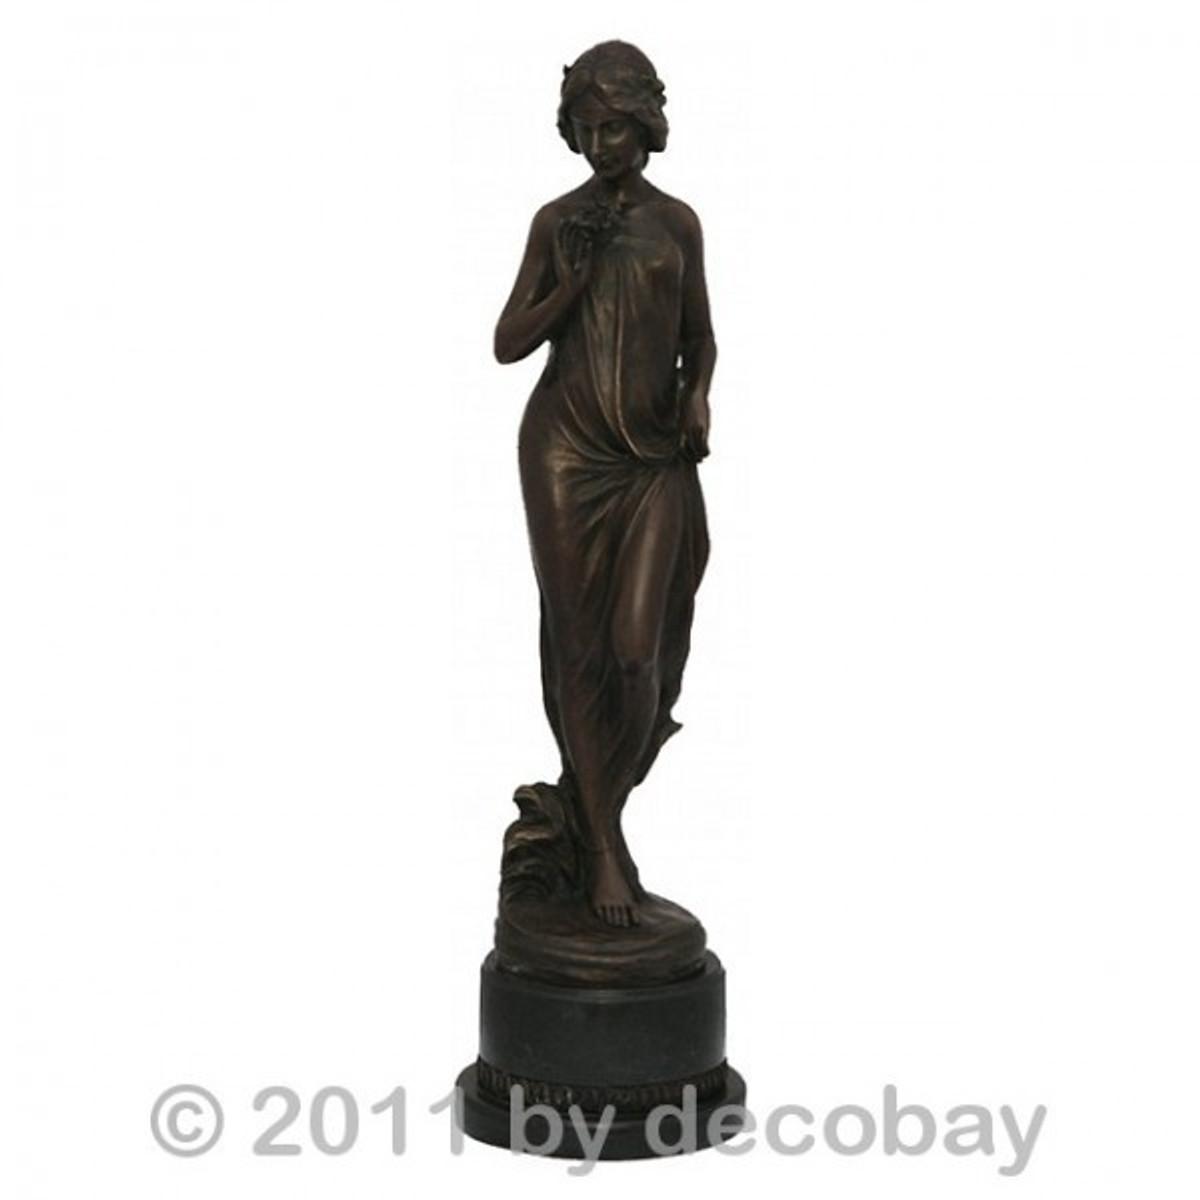 Antike Gartendeko Nette Frau Bronze Skulptur Lady für bedeutende antike Gartendekoration jetzt zugreifen.